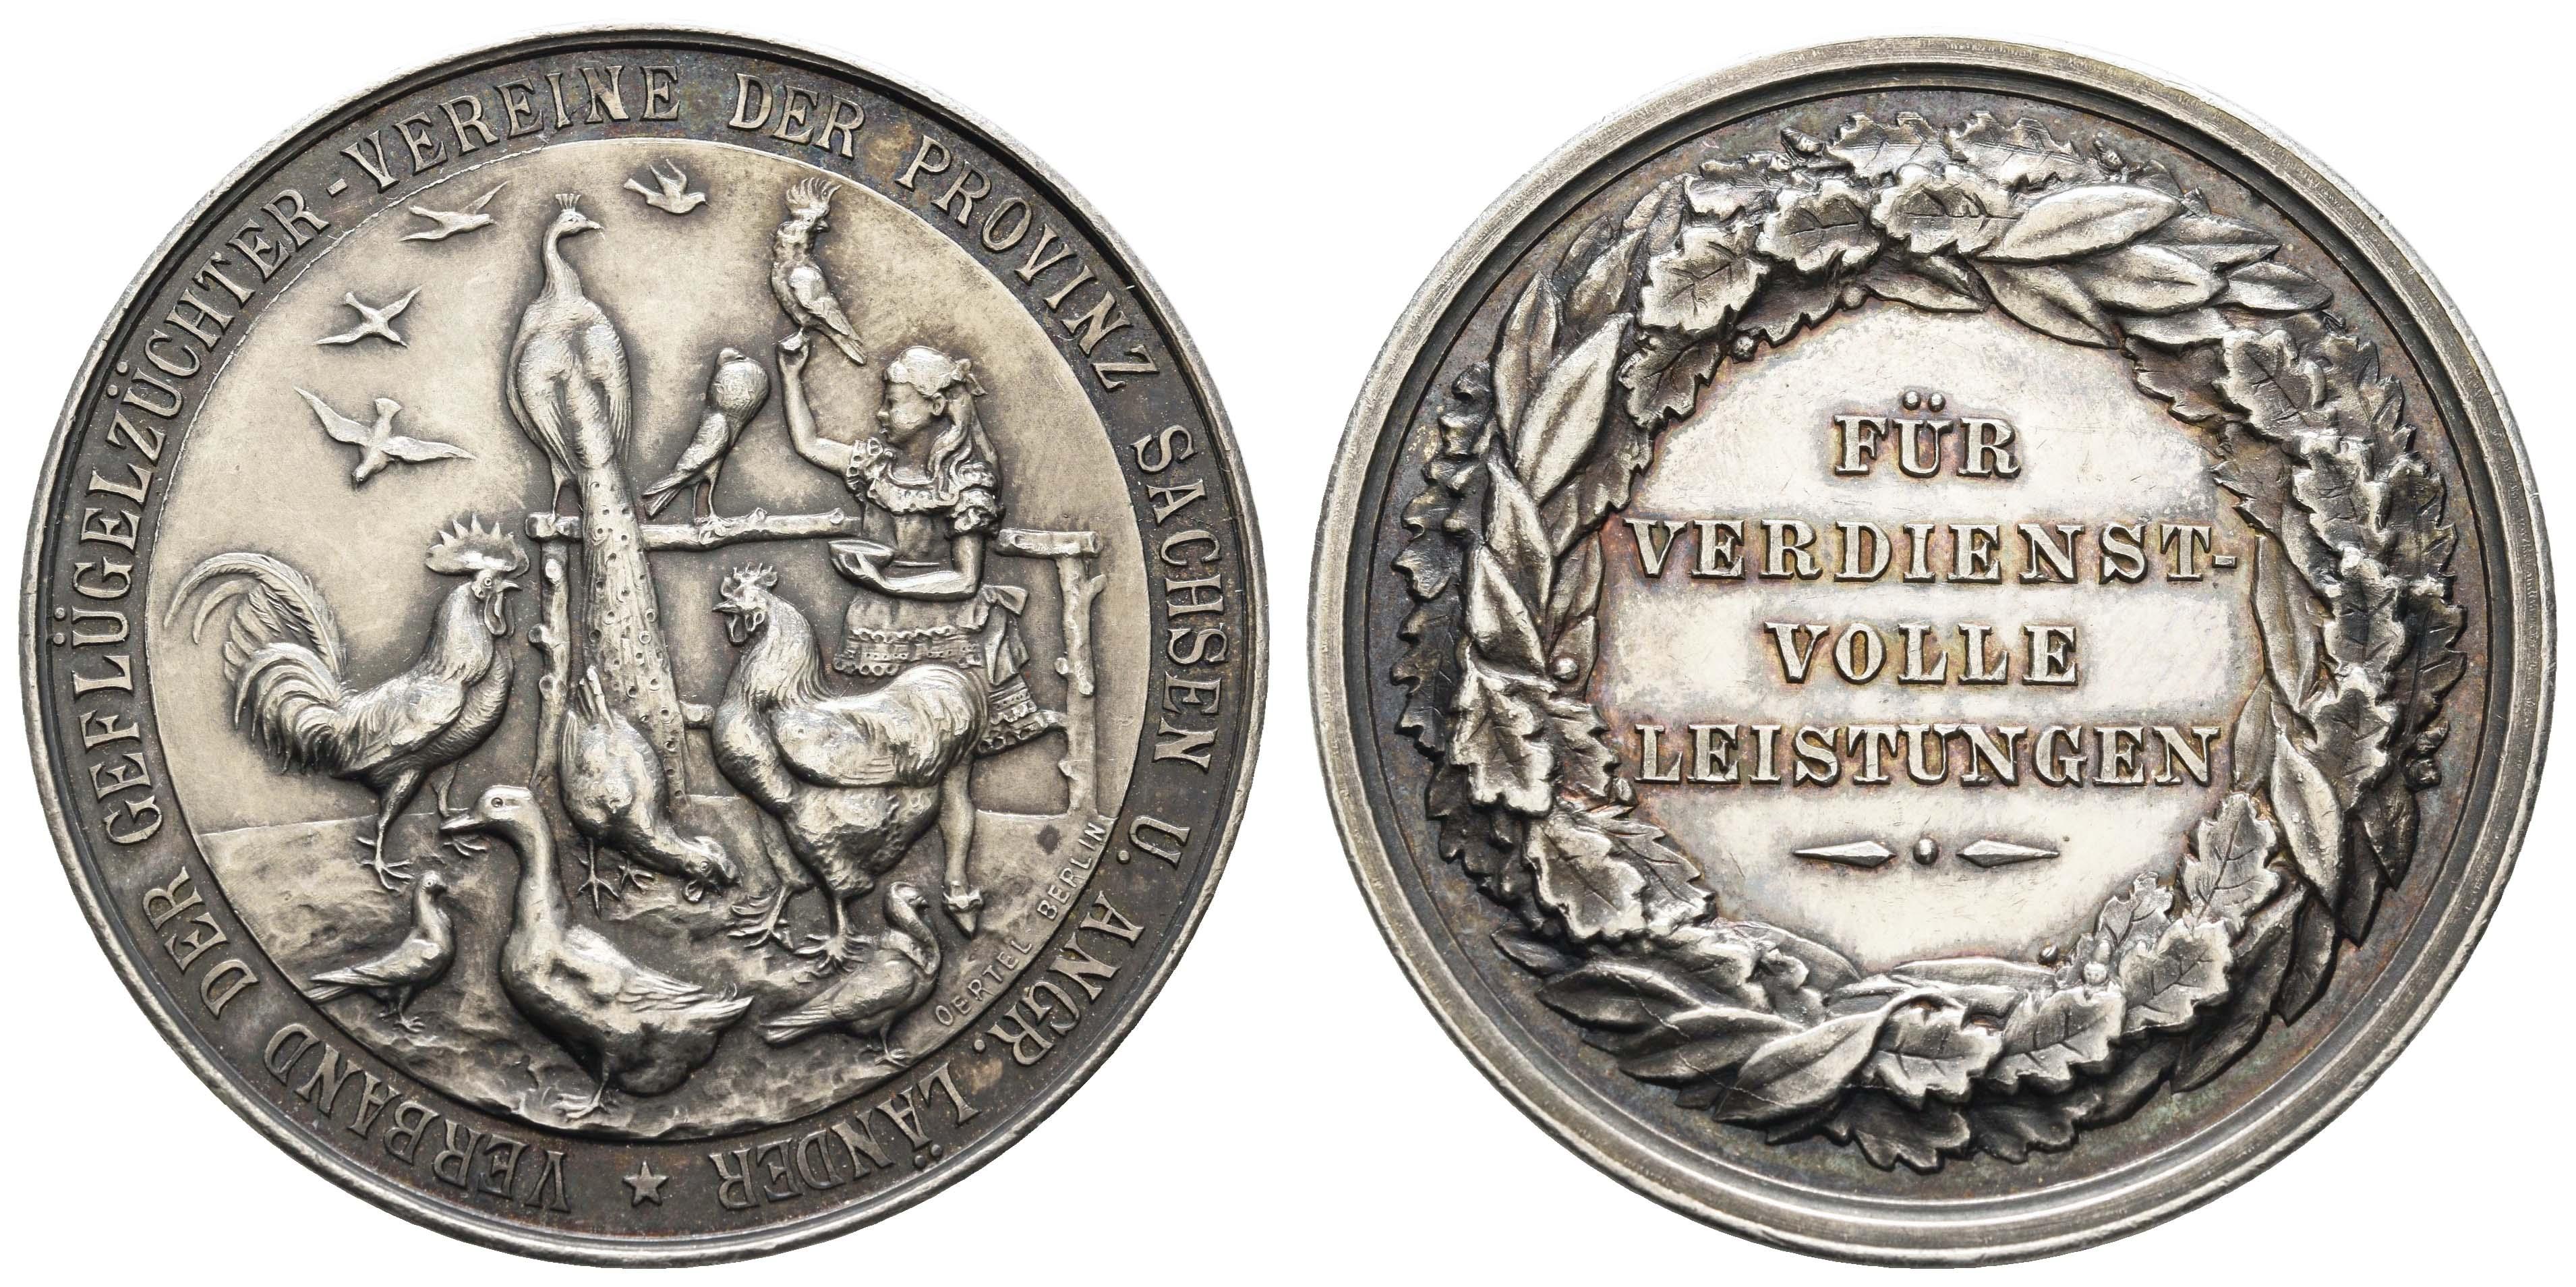 Lot 1811 - Medaillen_Sonstige Medaillen_Deutschland  -  Auktionshaus Ulrich Felzmann GmbH & Co. KG Auction 170 International Autumn Auction 2020 Day 2